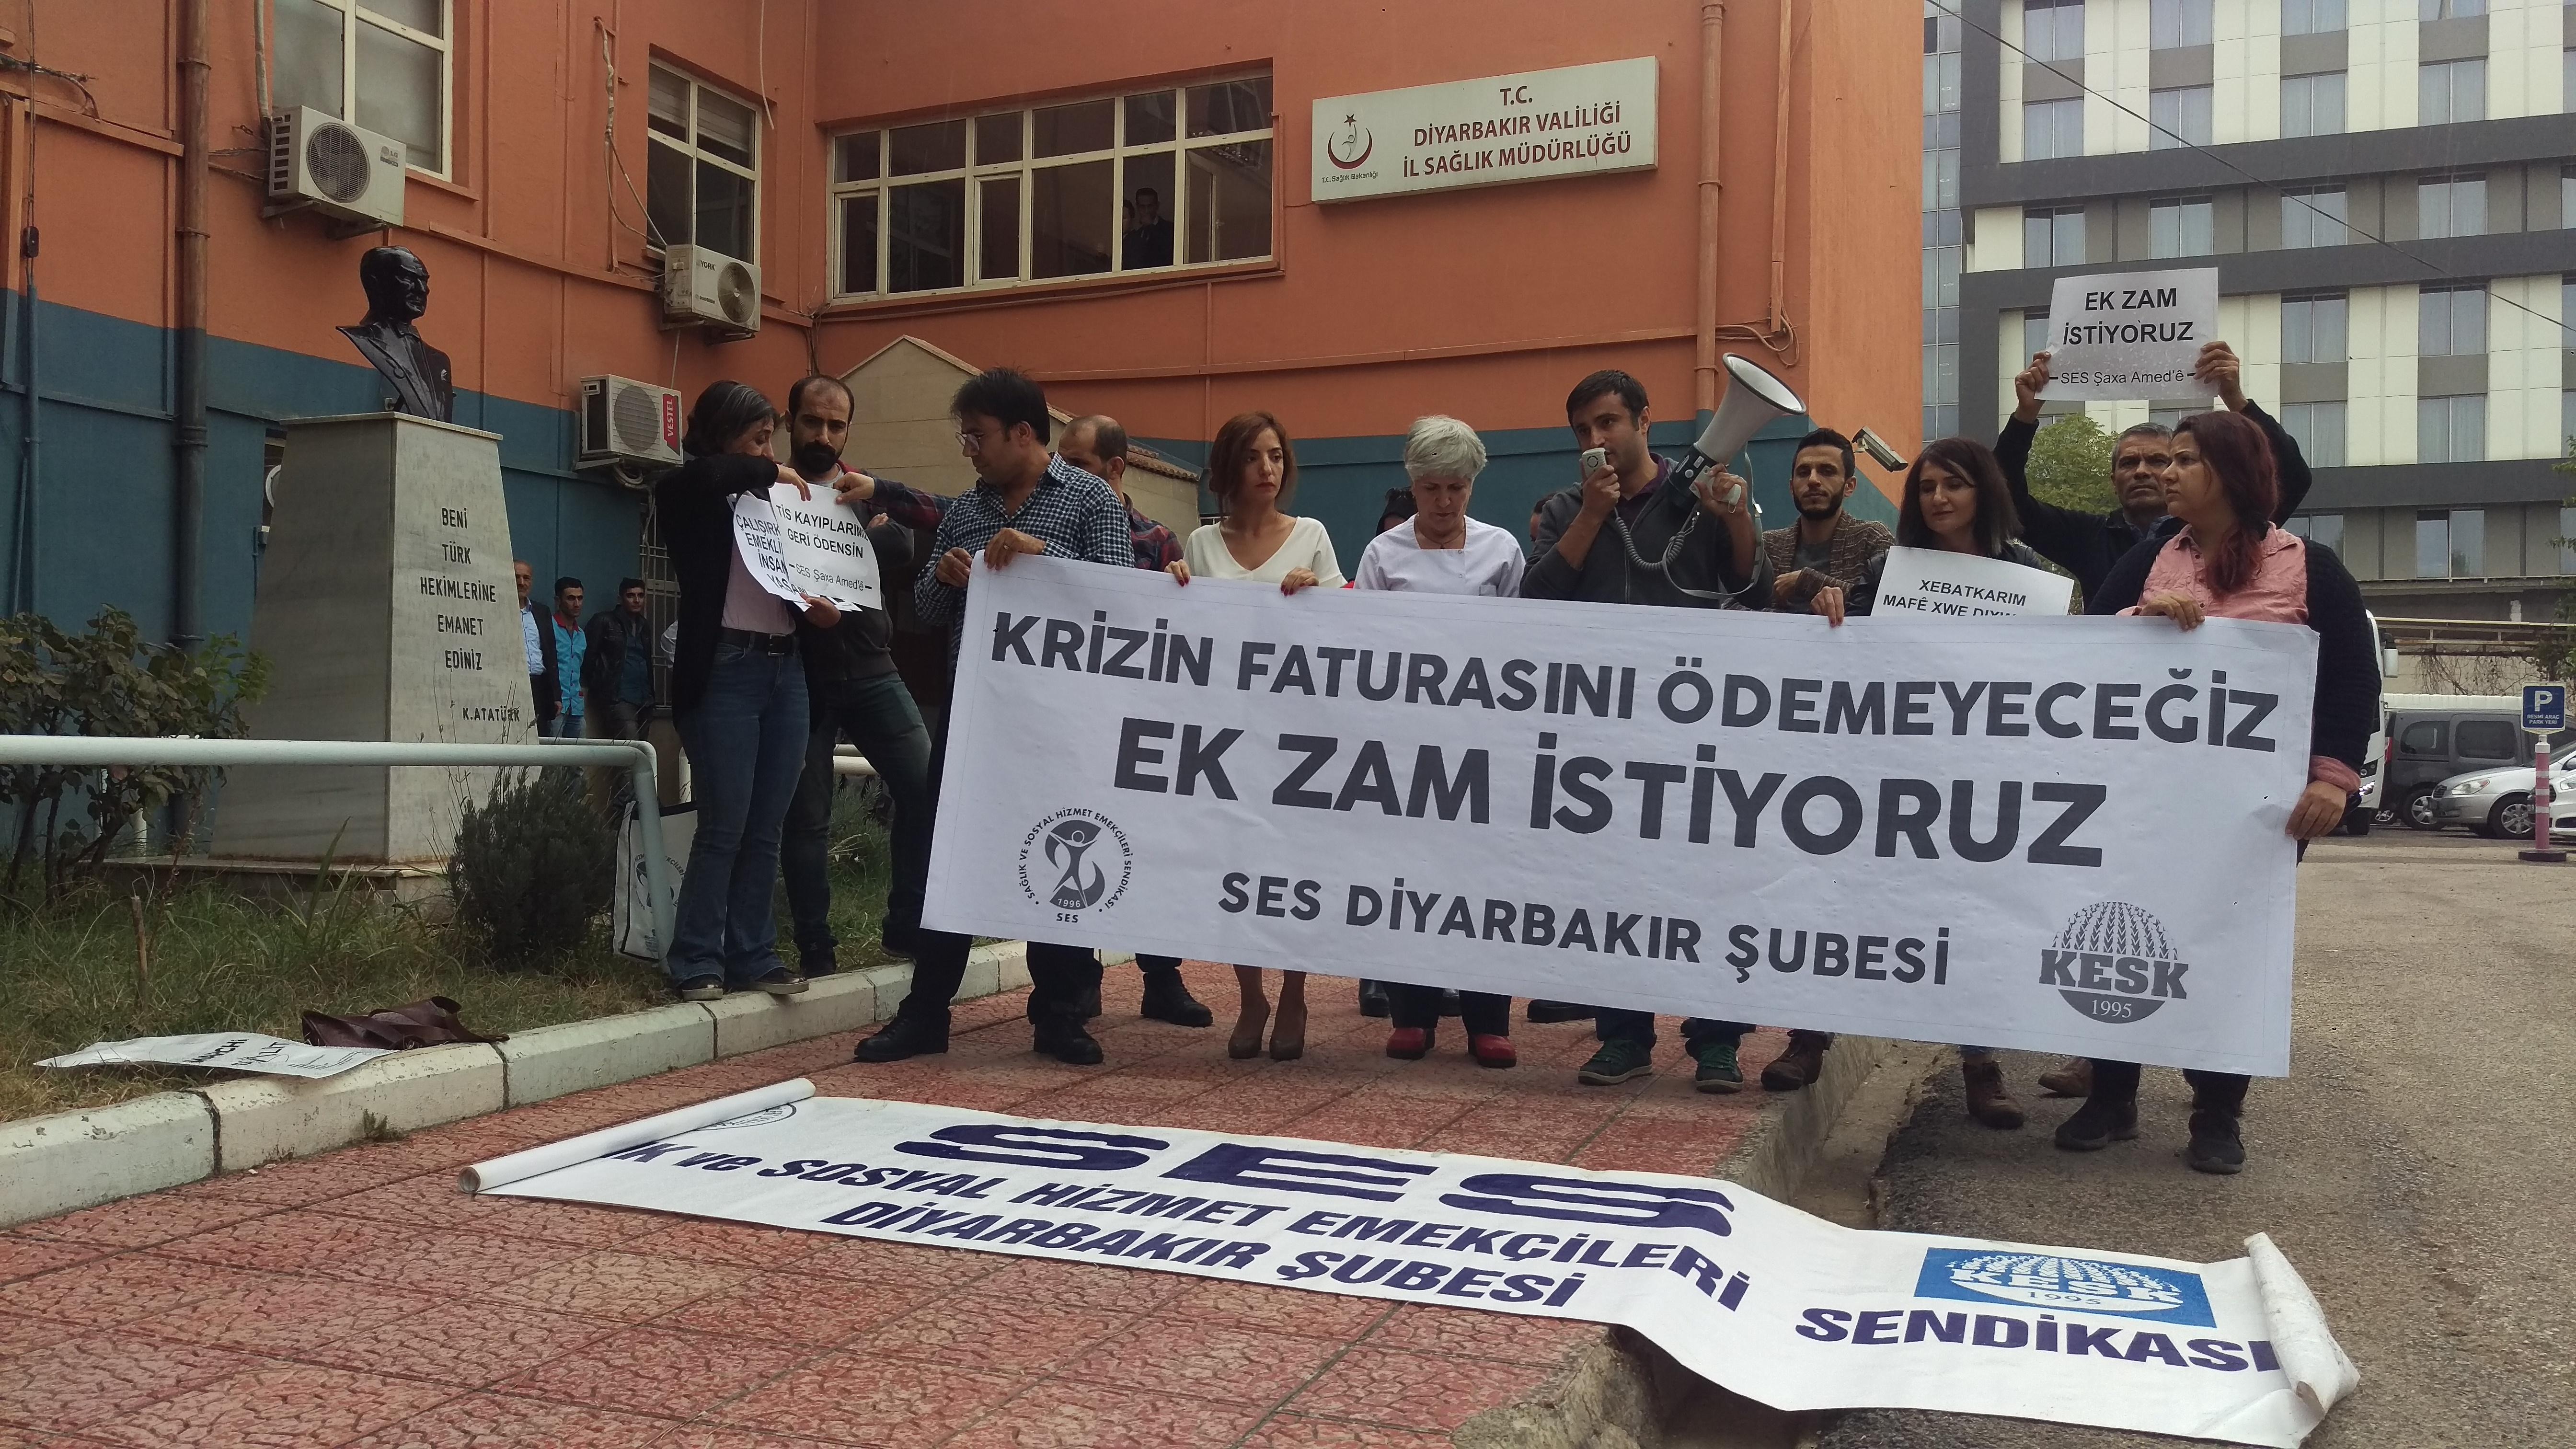 Diyarbakır: Bakanlığı ve Konfederasyonları Yeni Toplu Sözleşme İçin Göreve Çağırıyoruz!